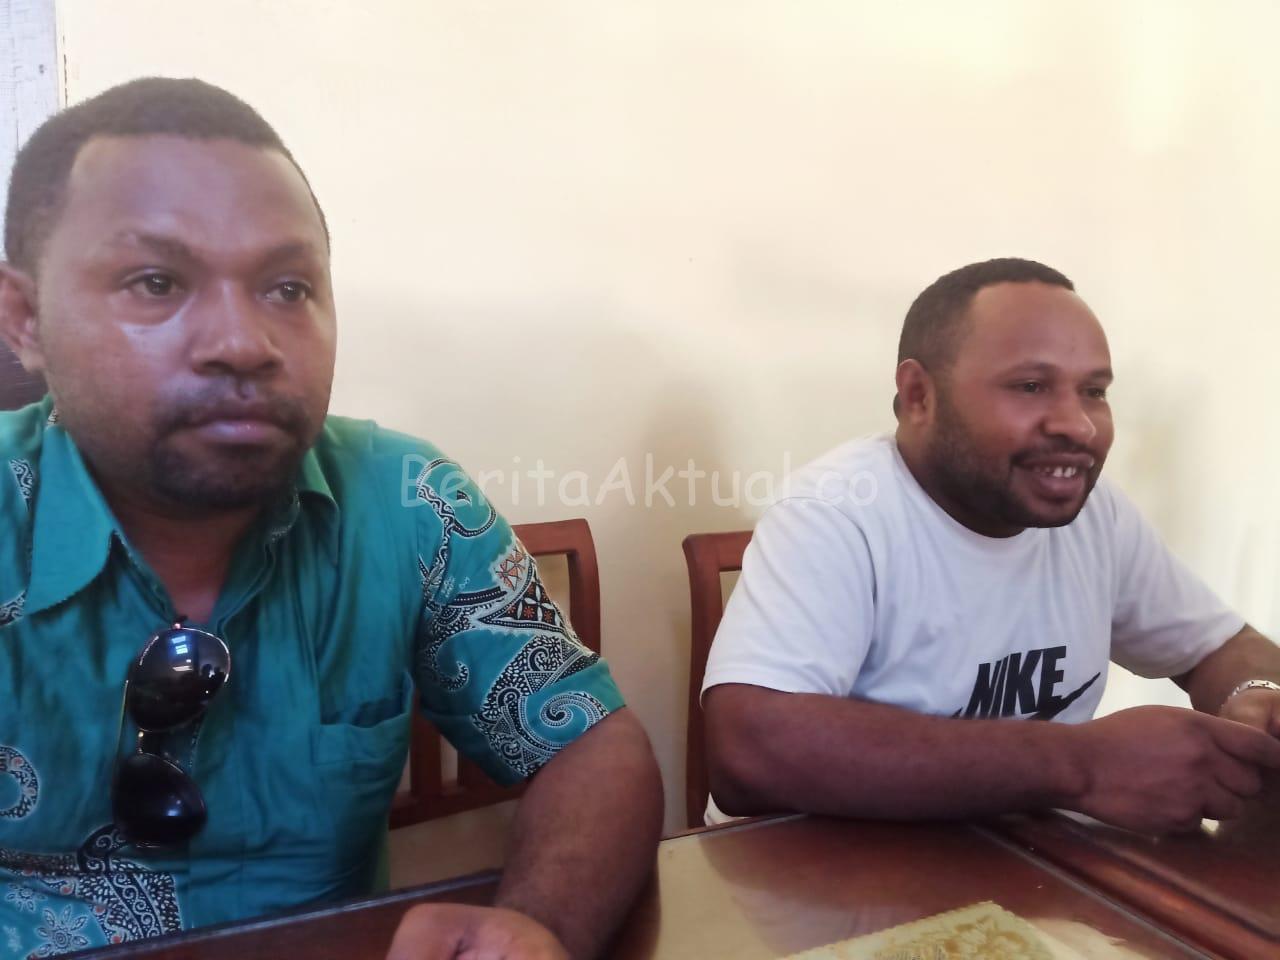 Pemuda Papua Barat: Jangan Kriminalisasikan Gubernur Kami 18 IMG 20200530 WA0071